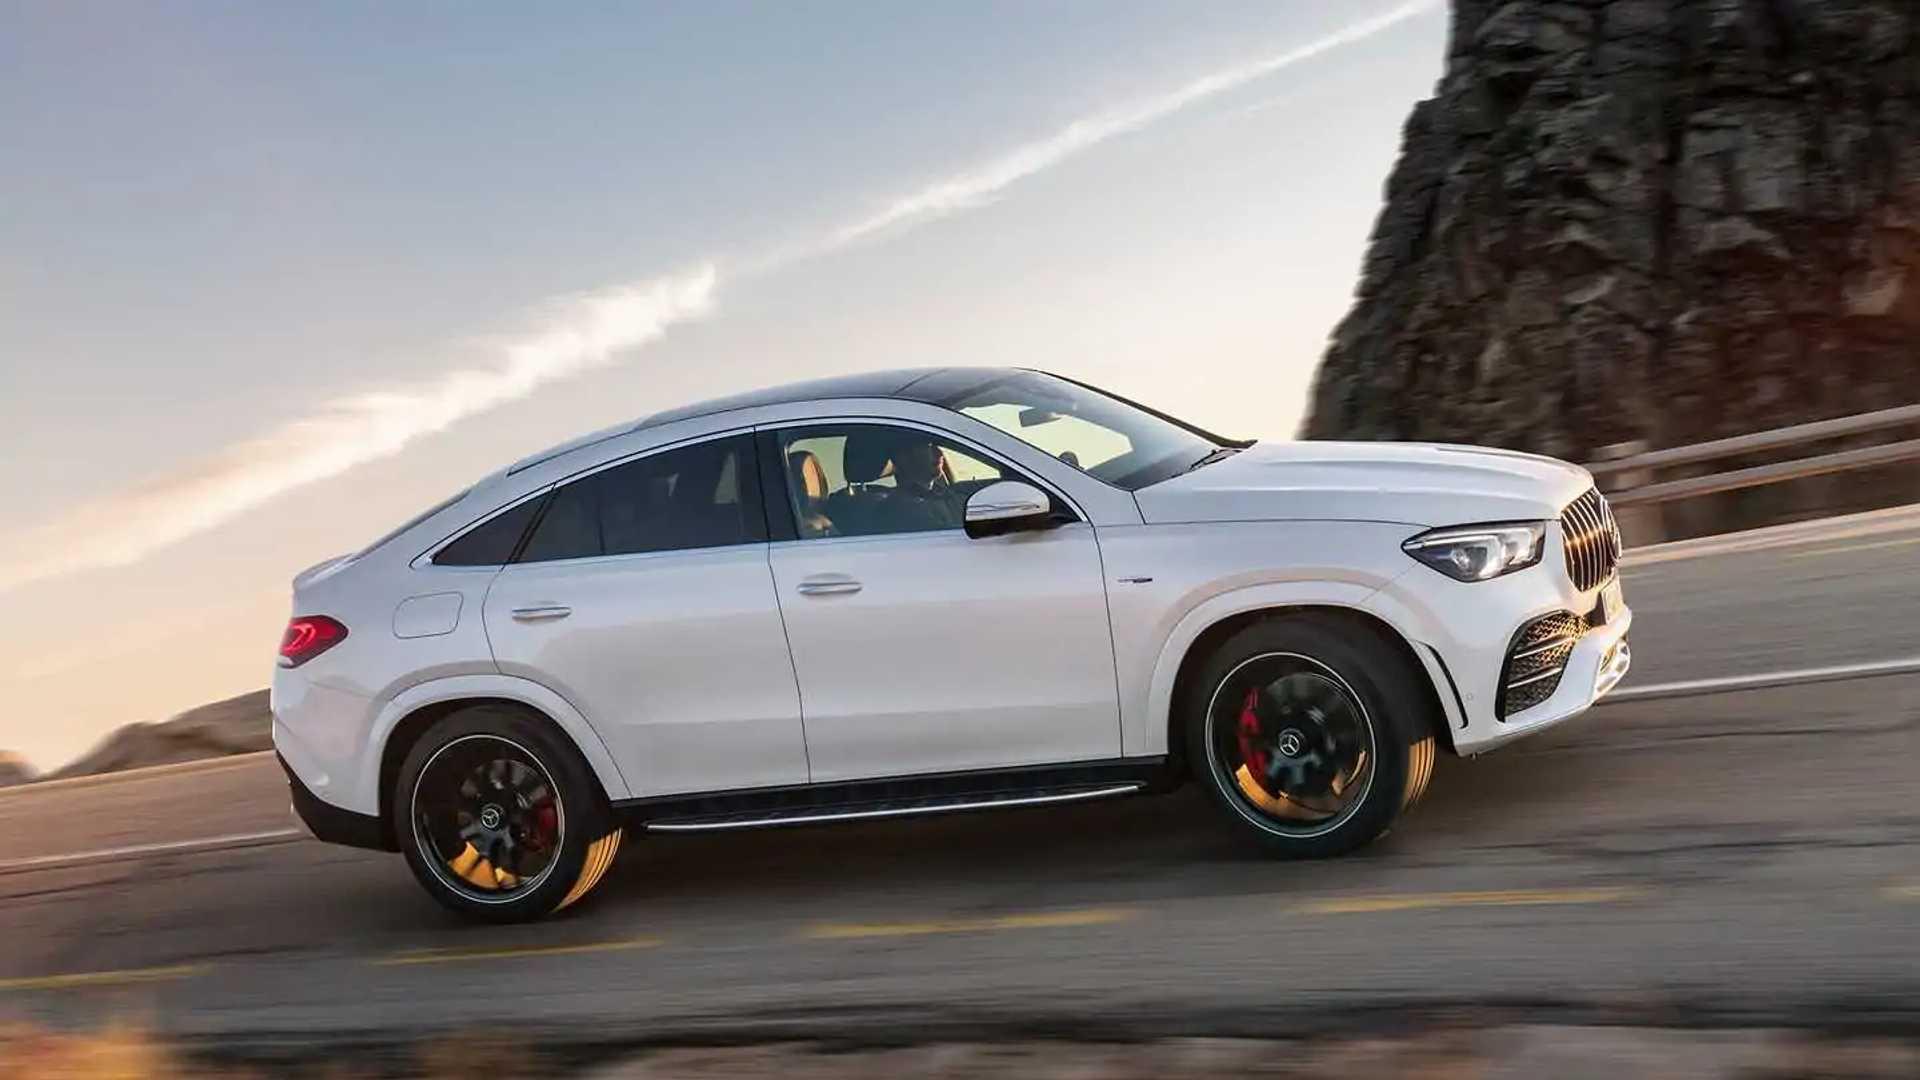 Novo Mercedes Gle Coupe 2020 Fica Mais Belo E Ganha Versao Amg